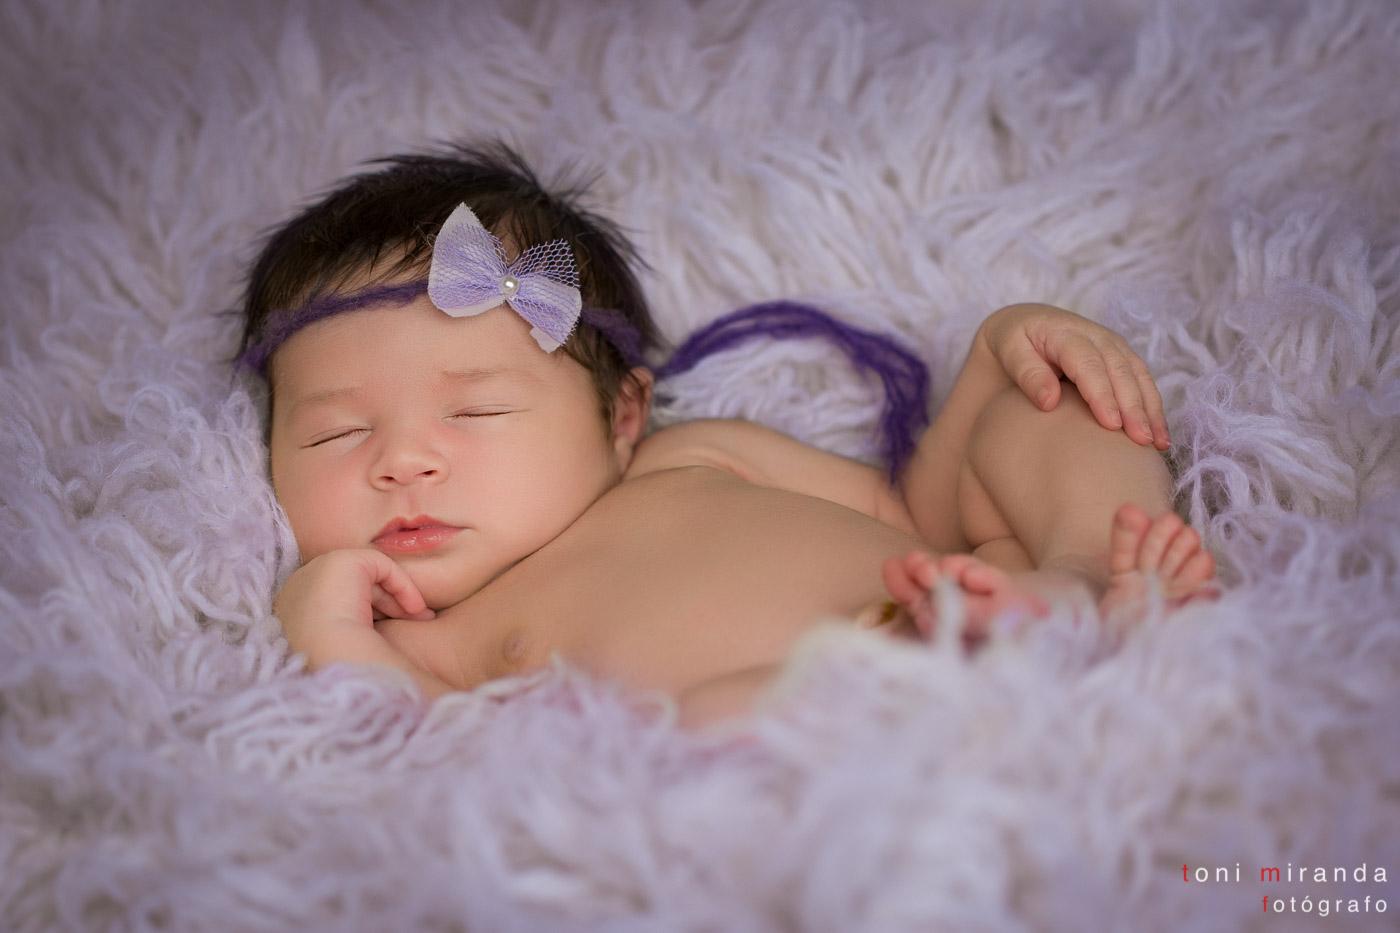 bebe recien nacido durmiendo sobre manta con lacito lila y mano en barbilla